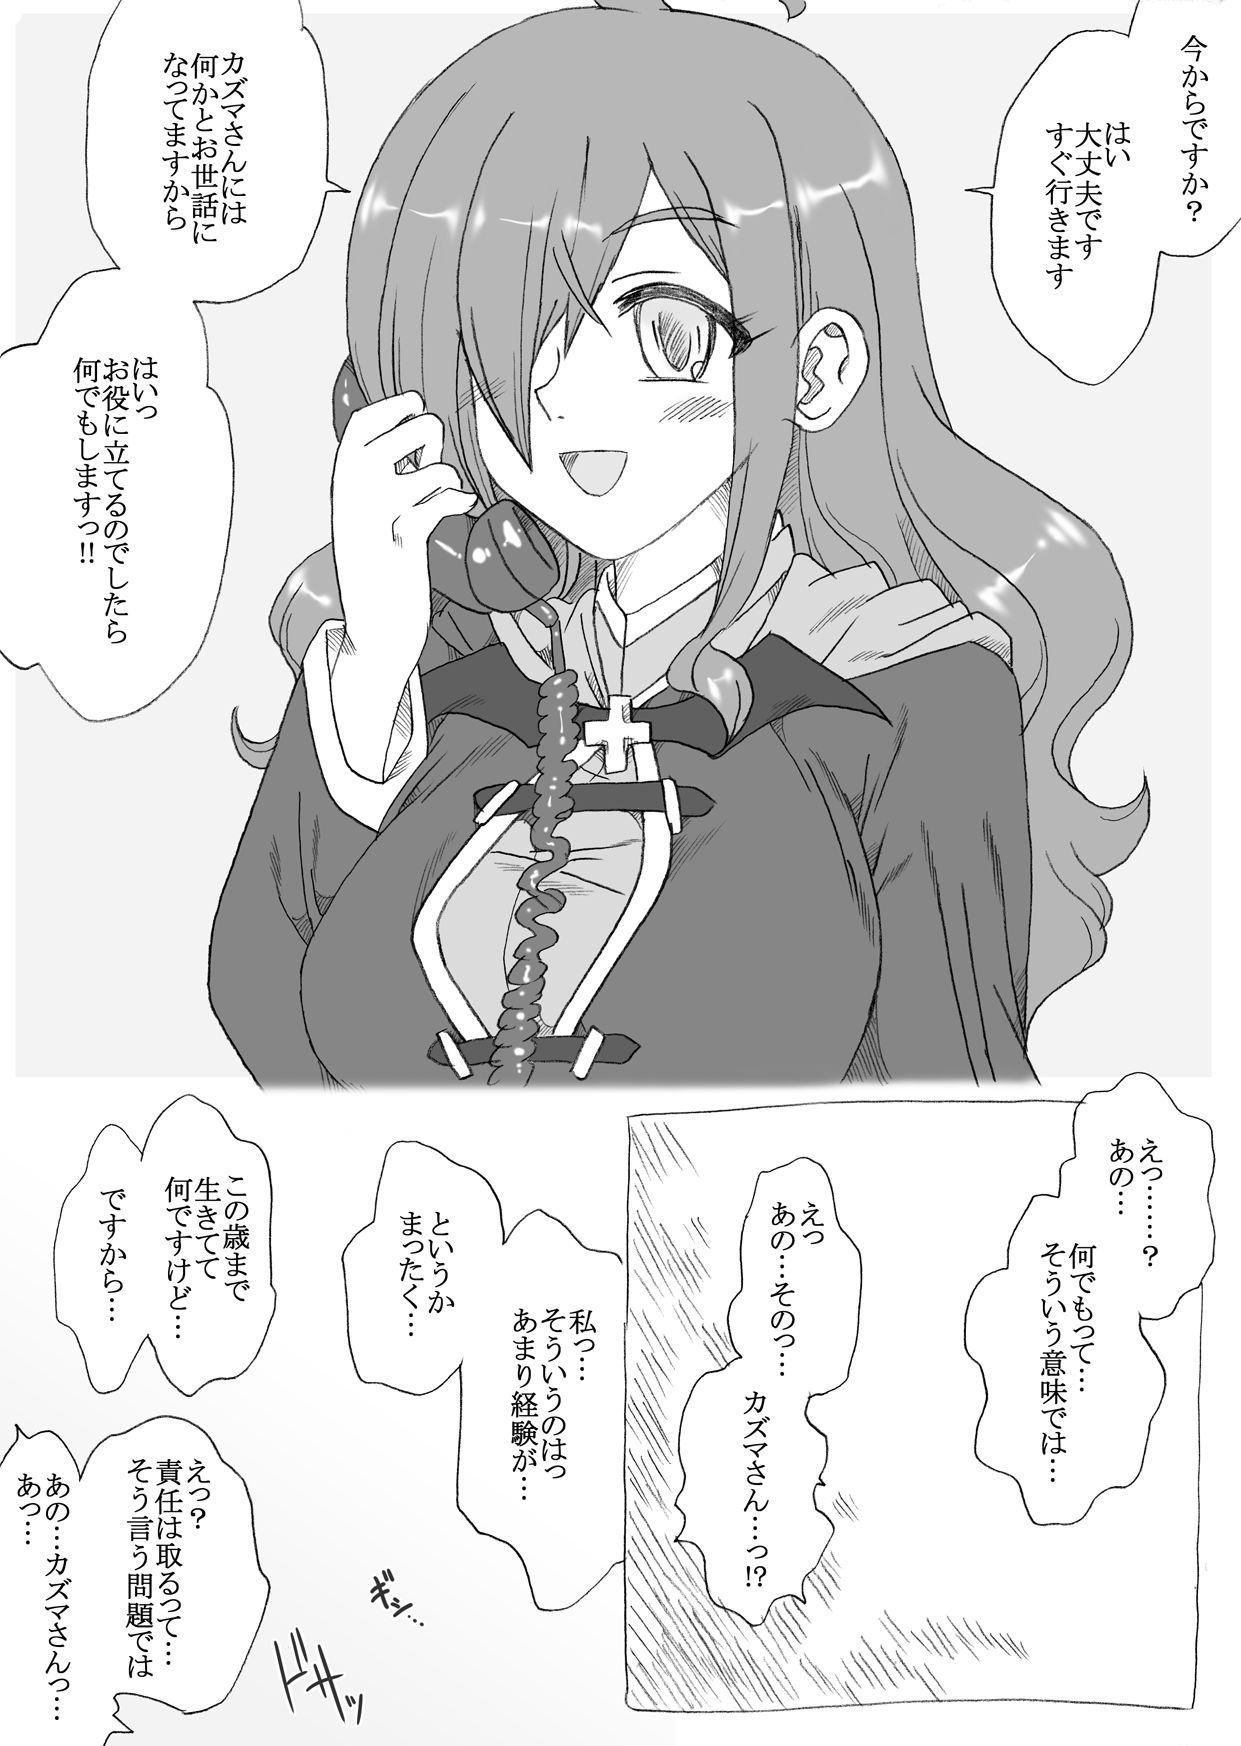 Kawaii bakuretsu musume o futari tomo! 0